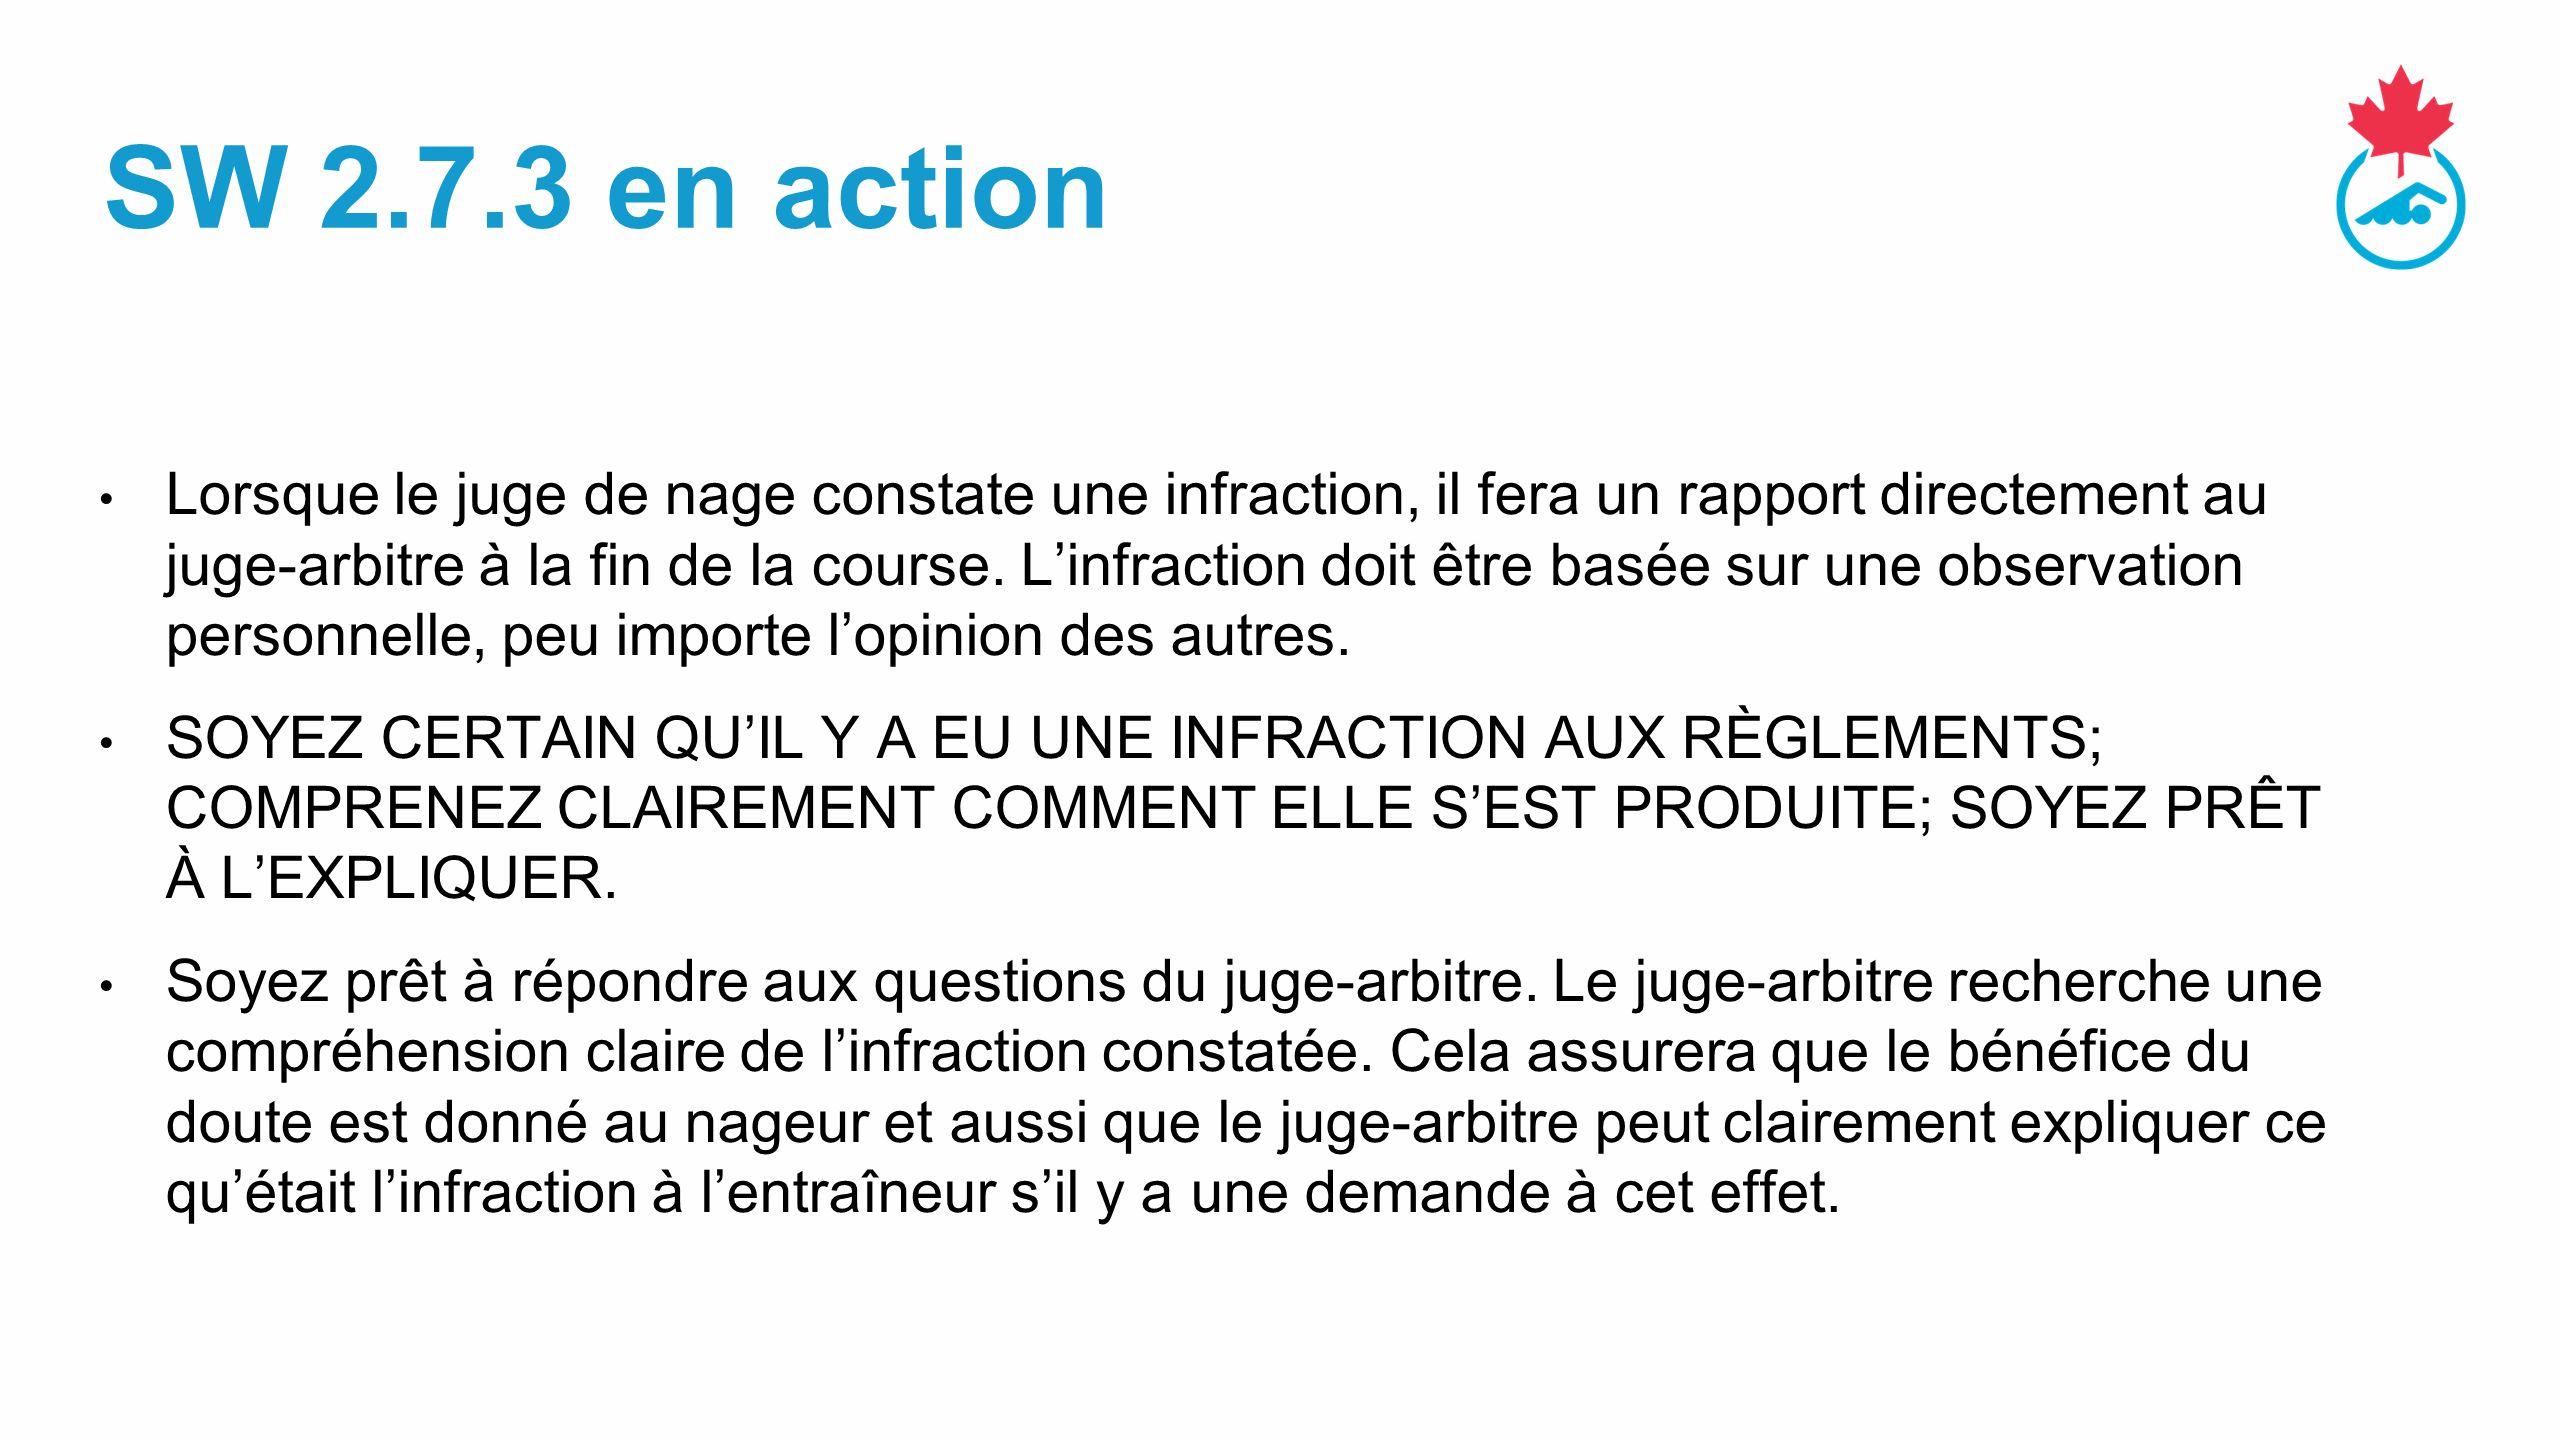 SW 2.7.3 en action Lorsque le juge de nage constate une infraction, il fera un rapport directement au juge-arbitre à la fin de la course.